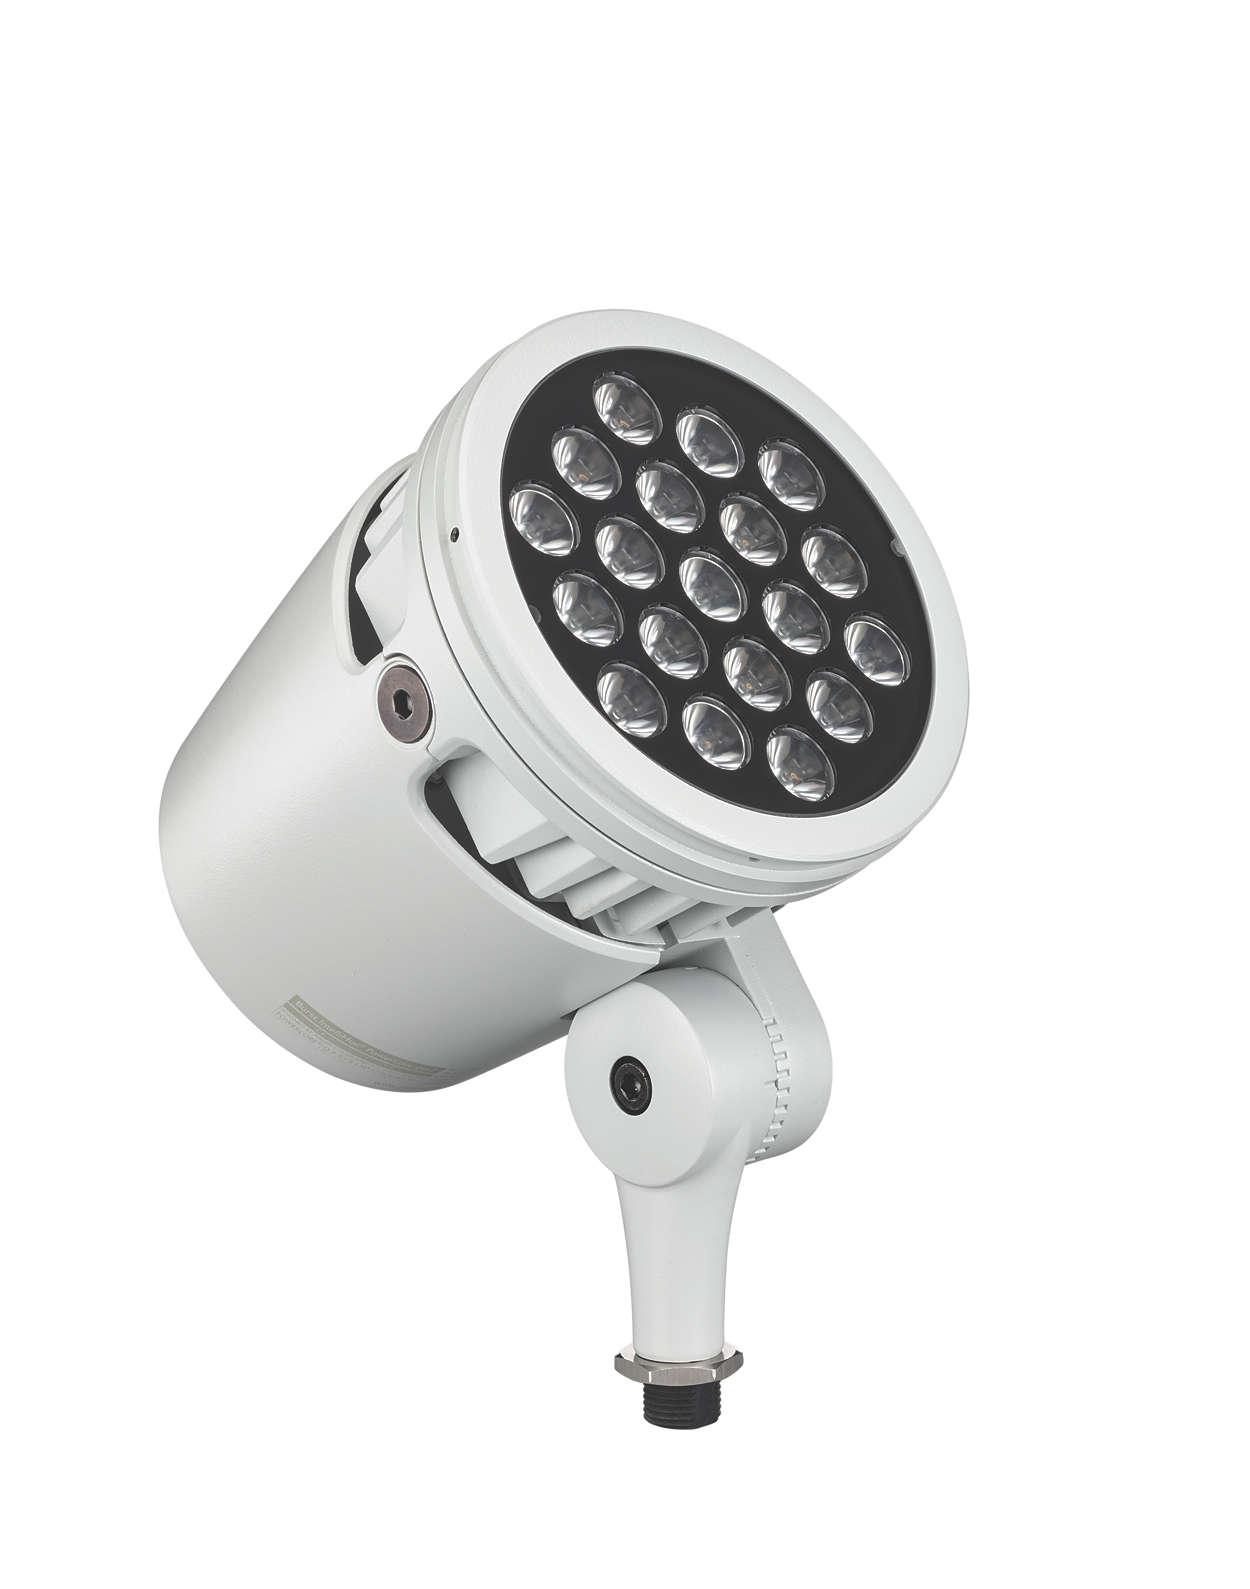 Arkitektonisk LED-spotlight med intelligent vitt och färgat ljus